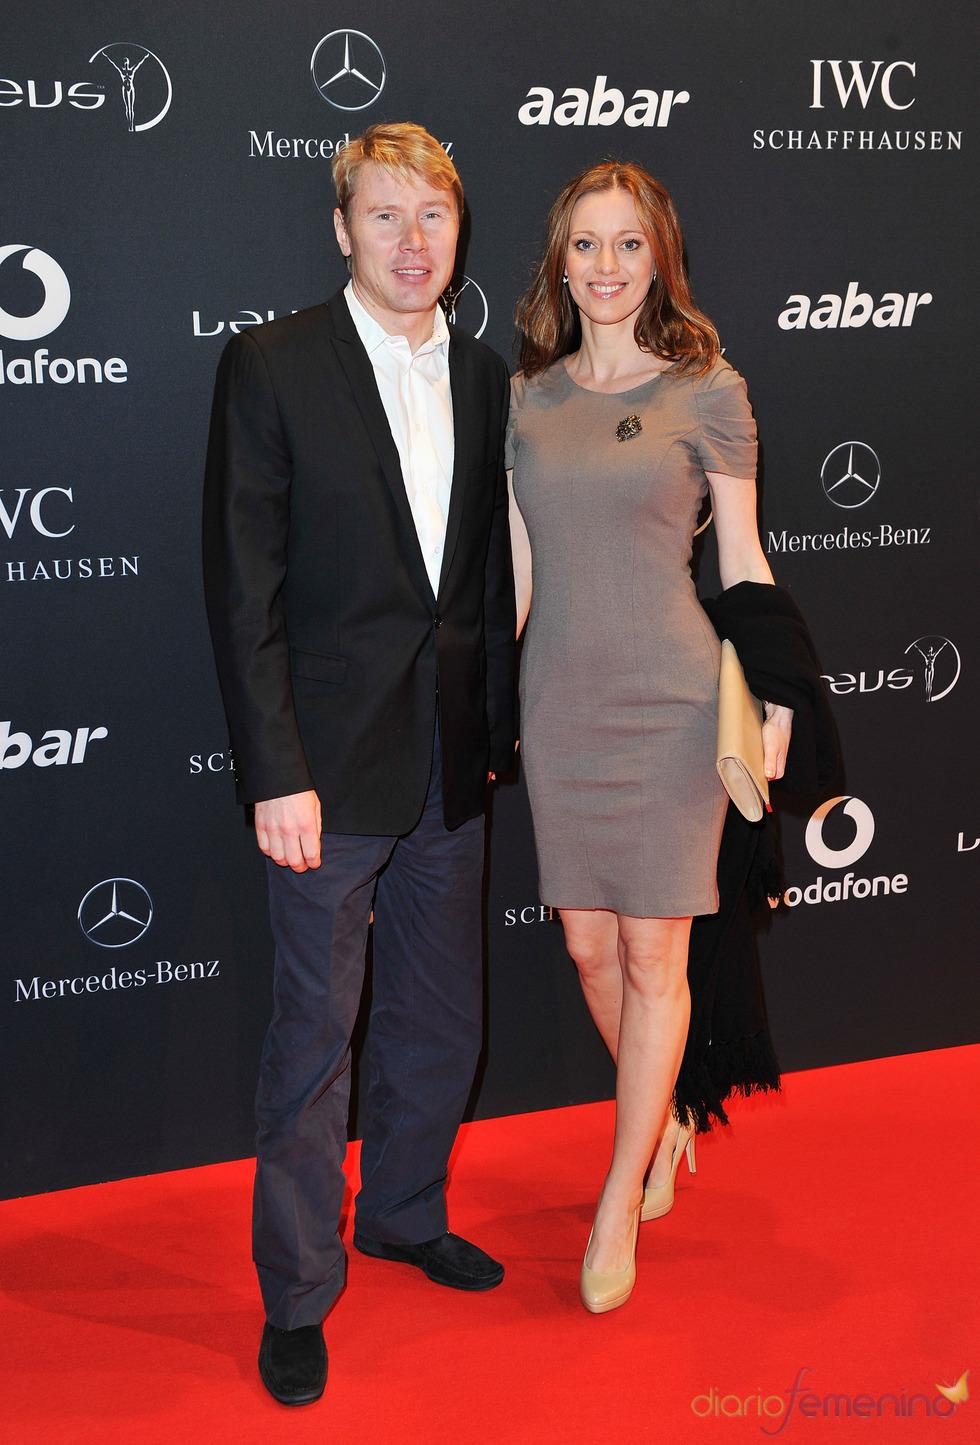 El piloto finlandés Mika Hakkinen en la Laureus Welcome Party